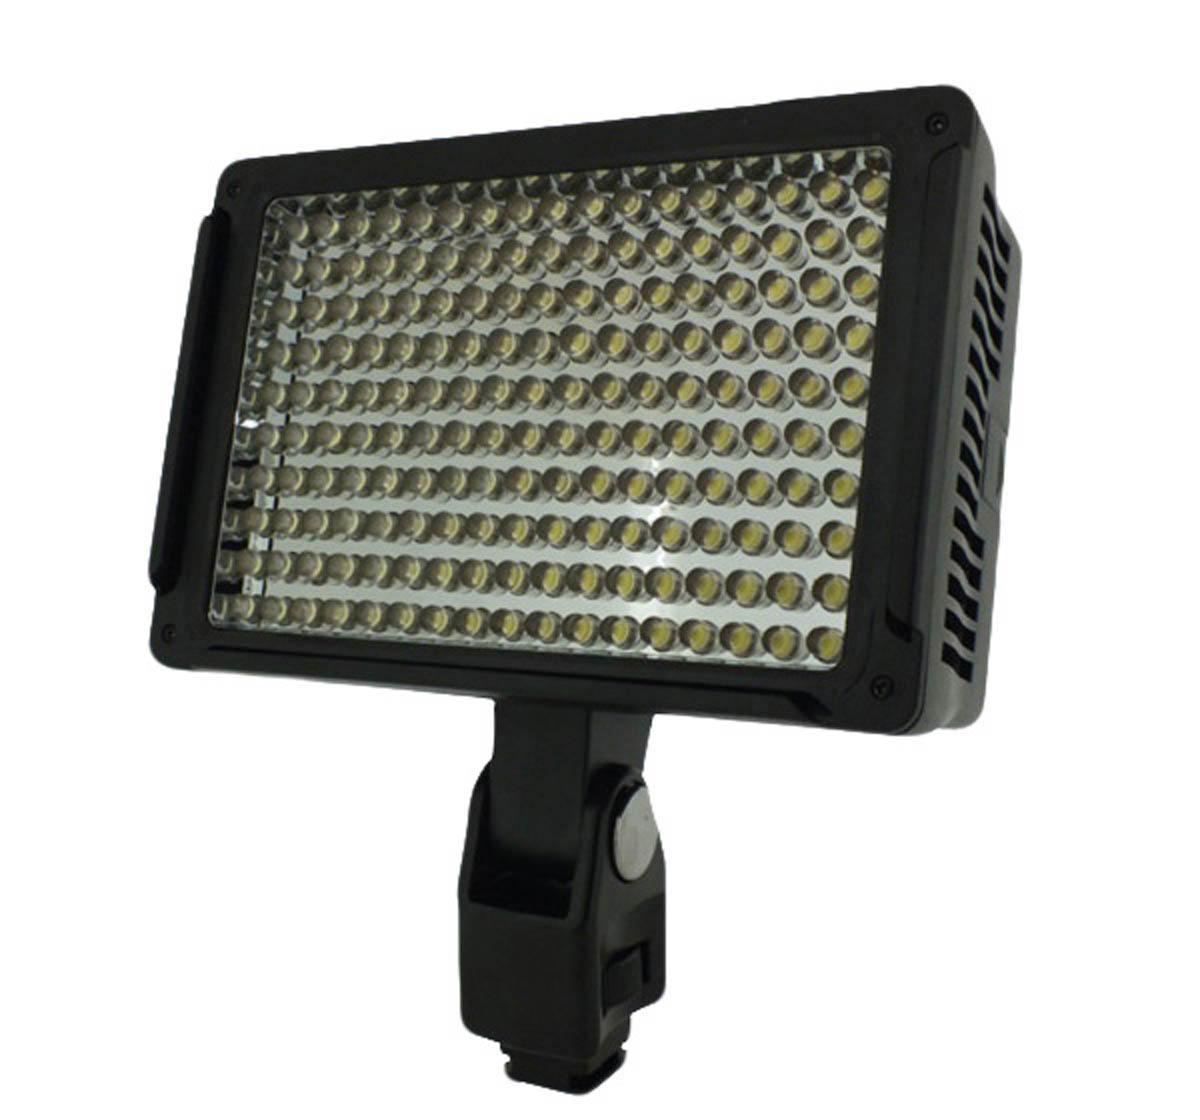 prenton rp pro light